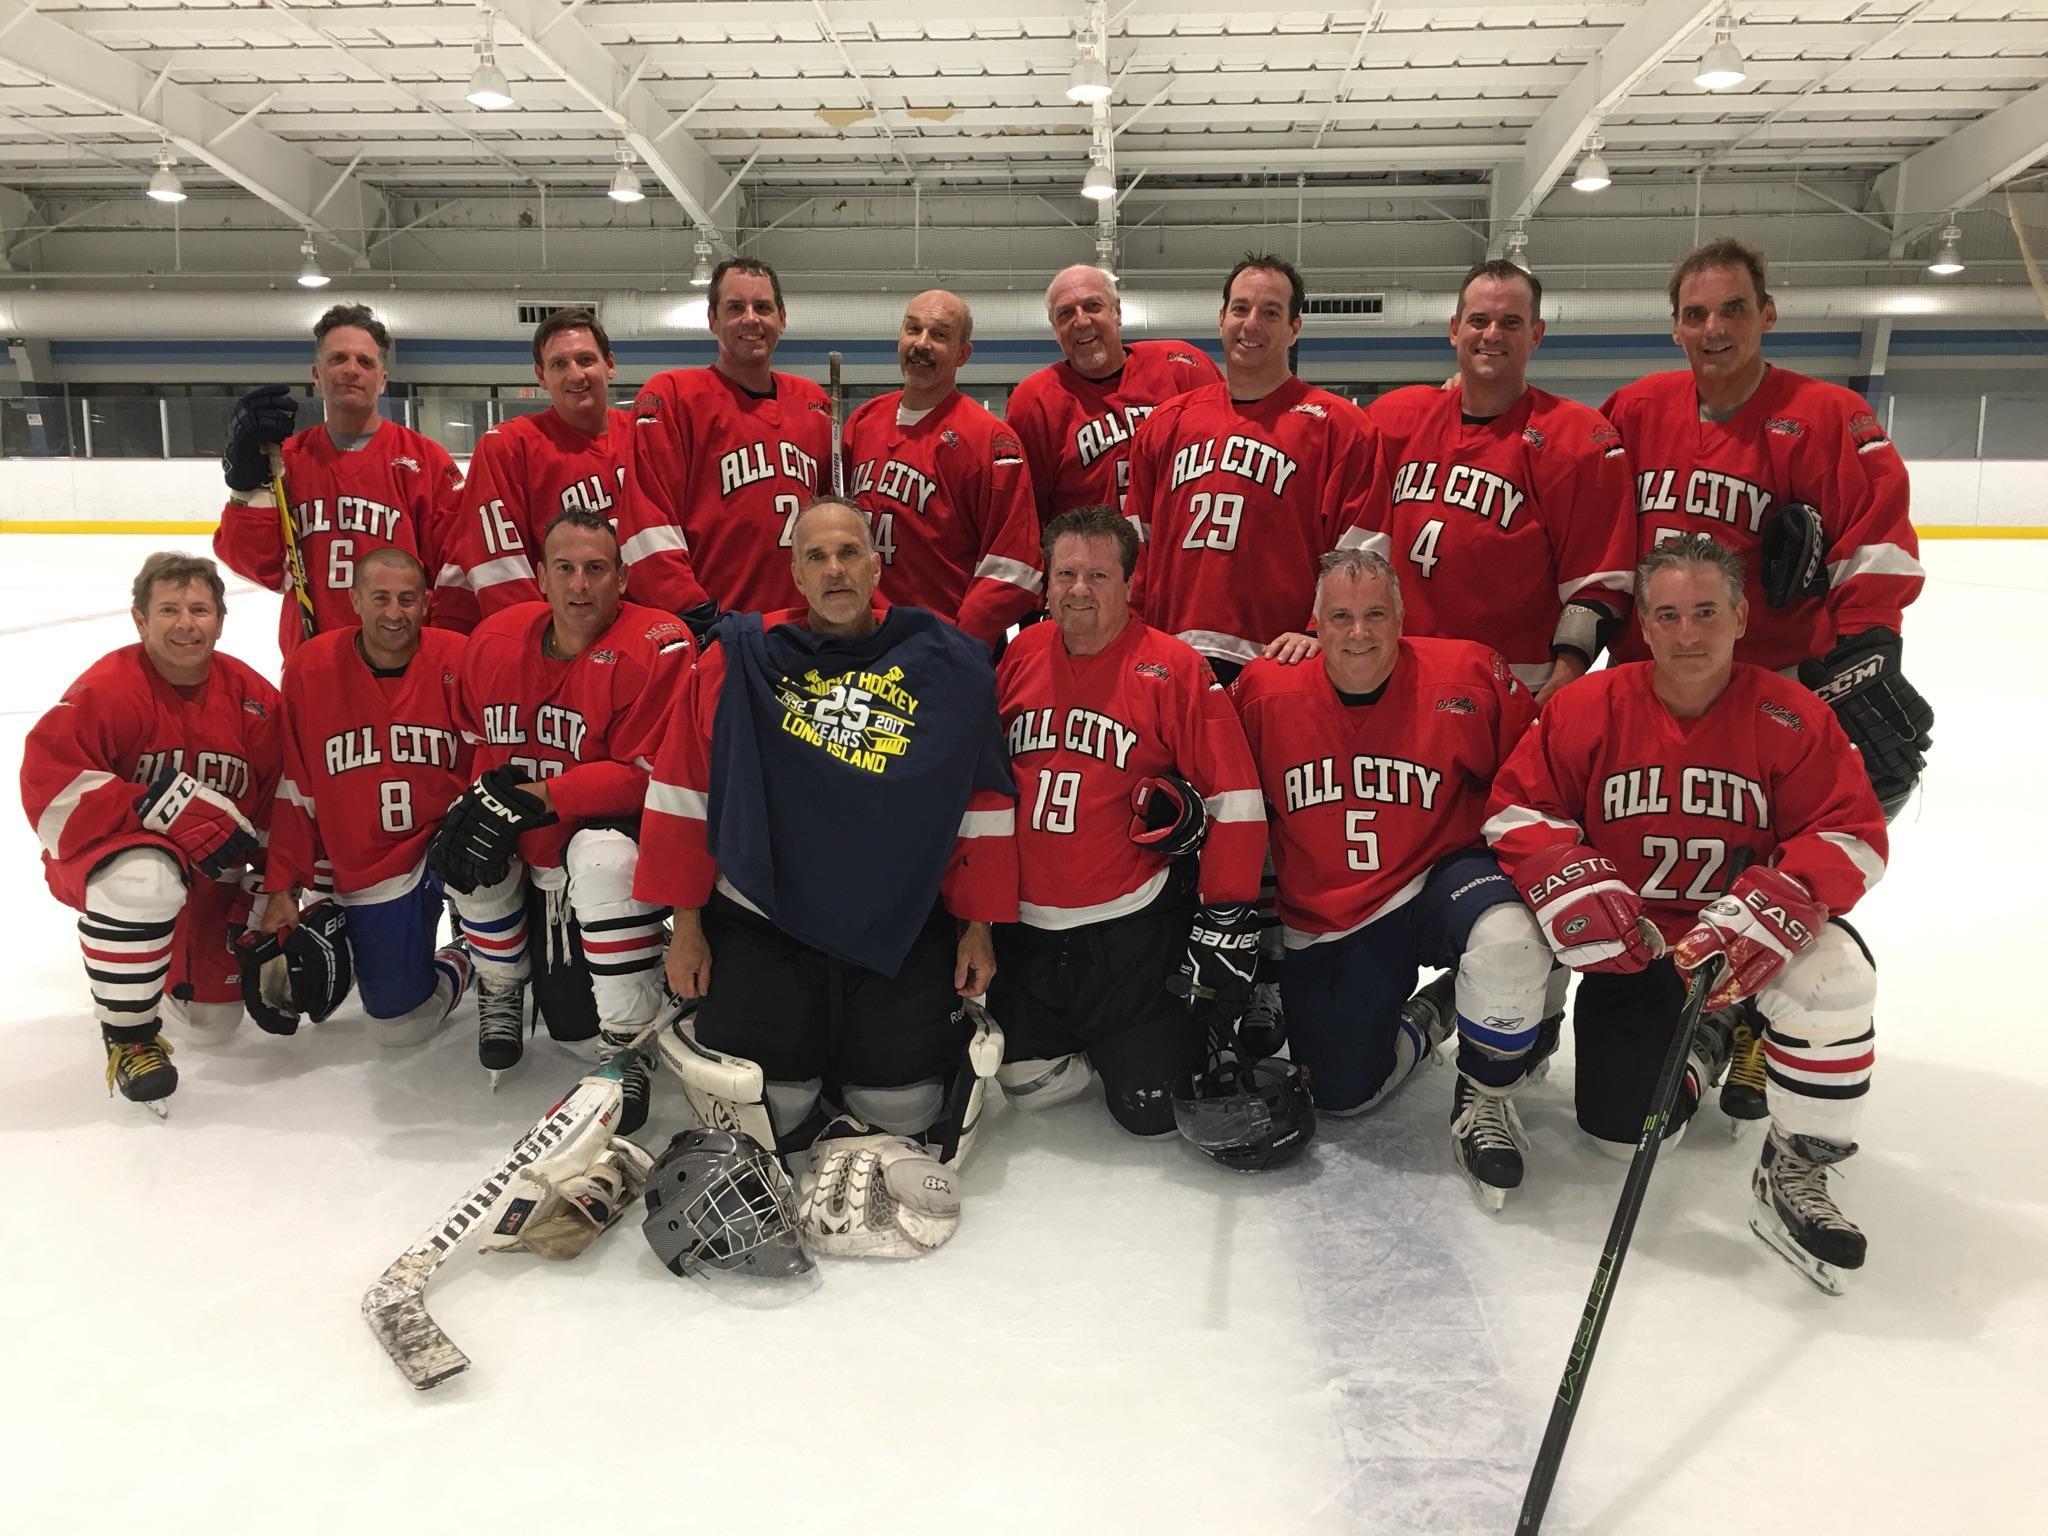 All City Hockey